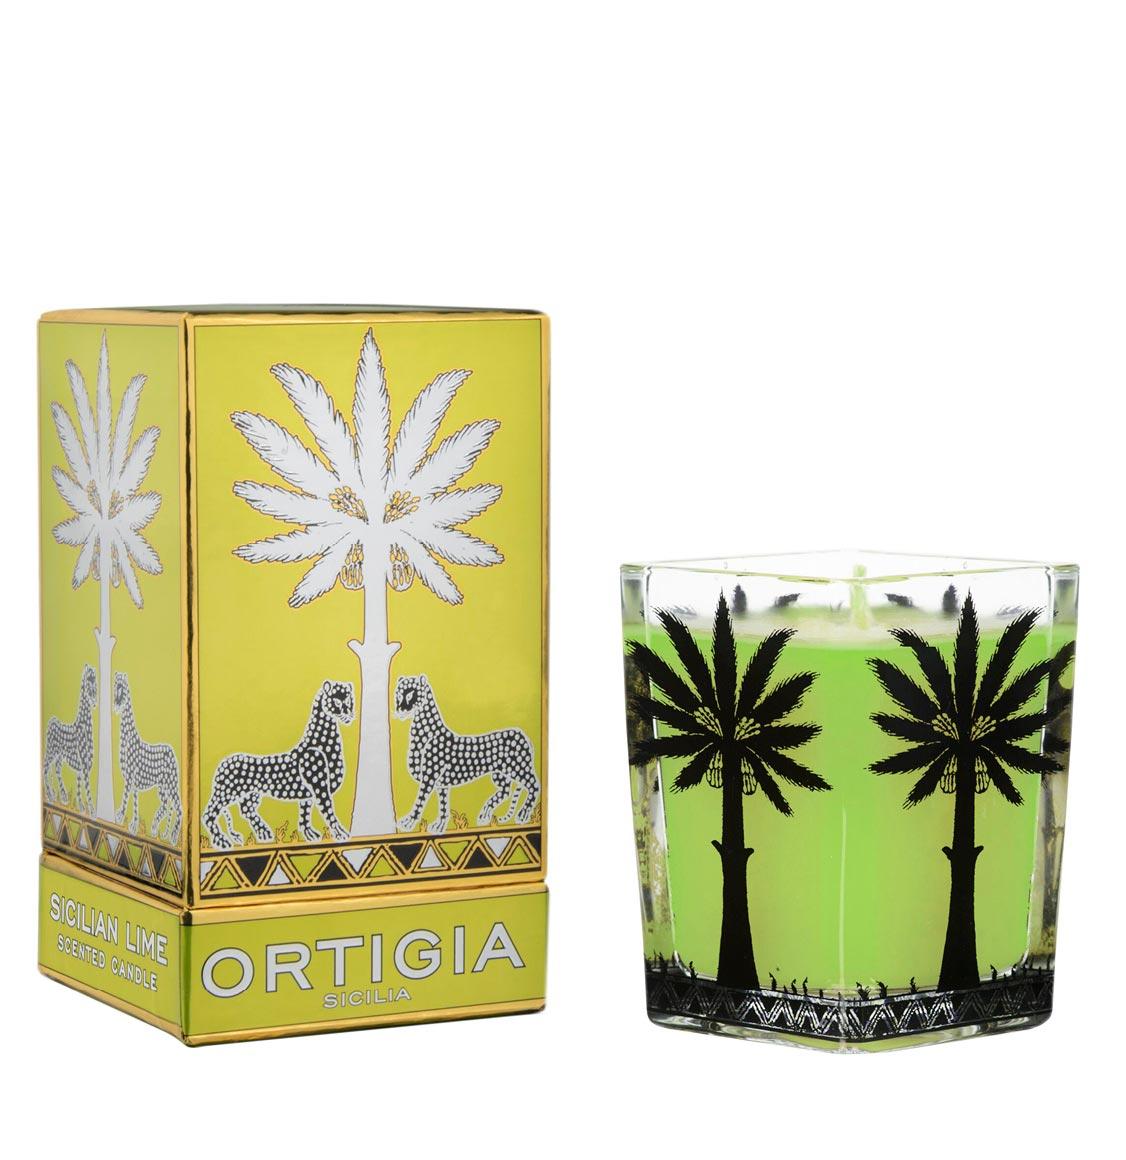 Ortigia Sicilia Lime Candle 170g